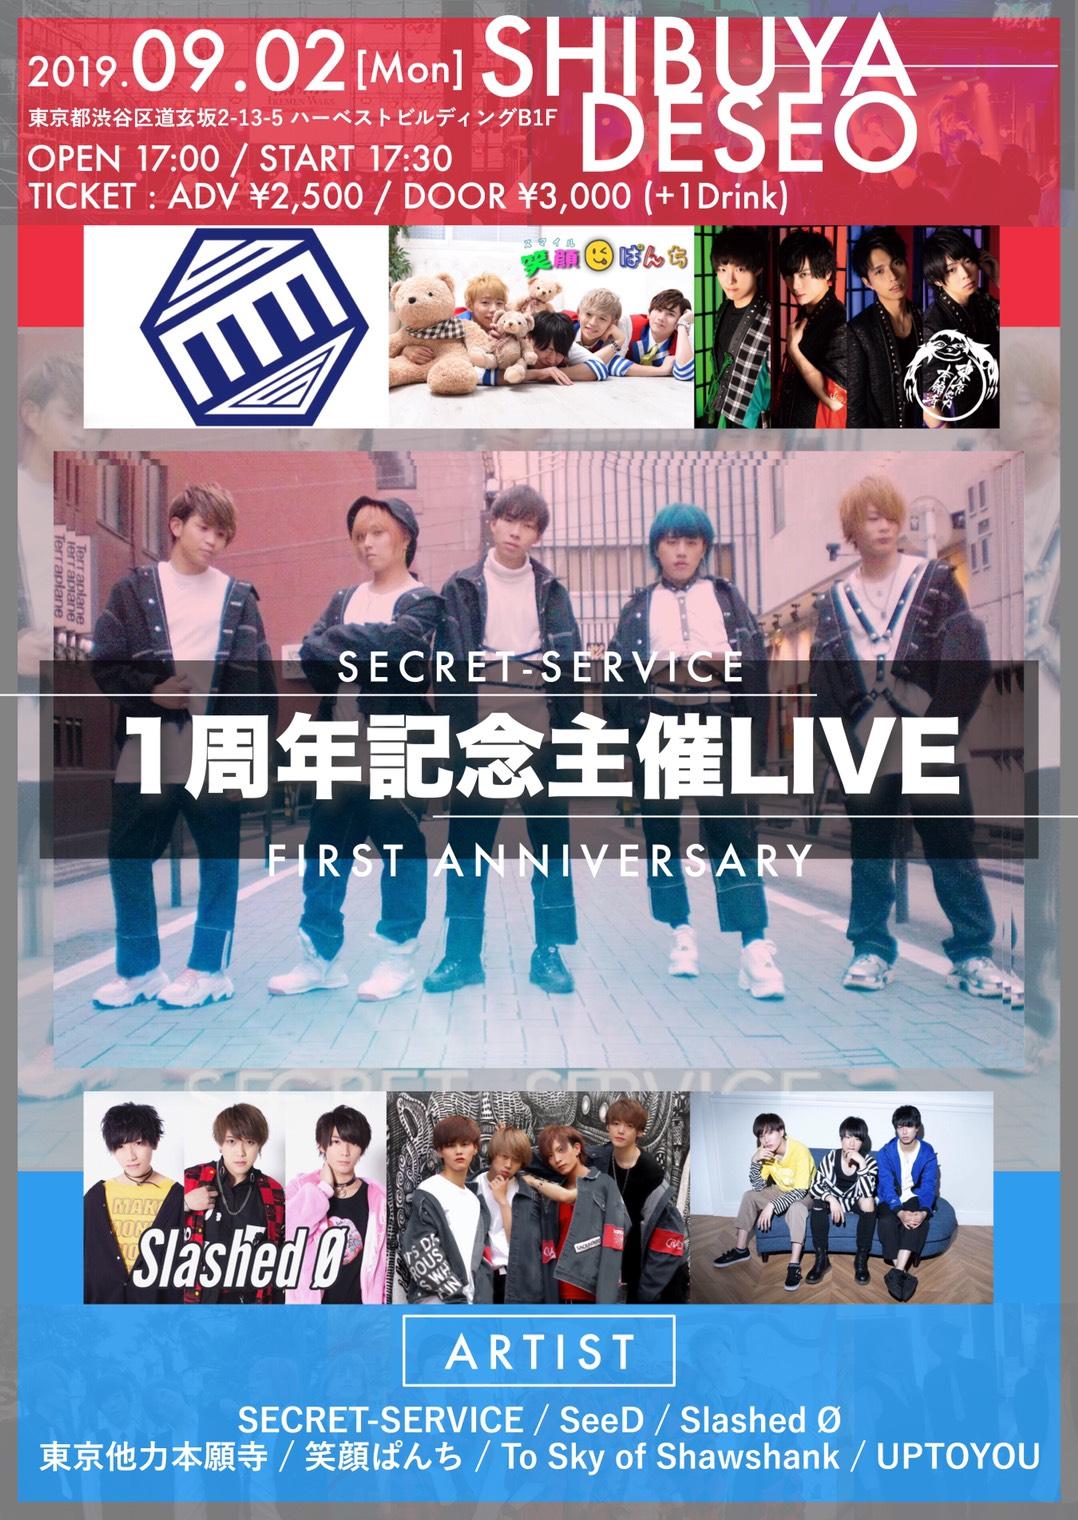 『SECRET-SERVICE1周年記念主催LIVE 』